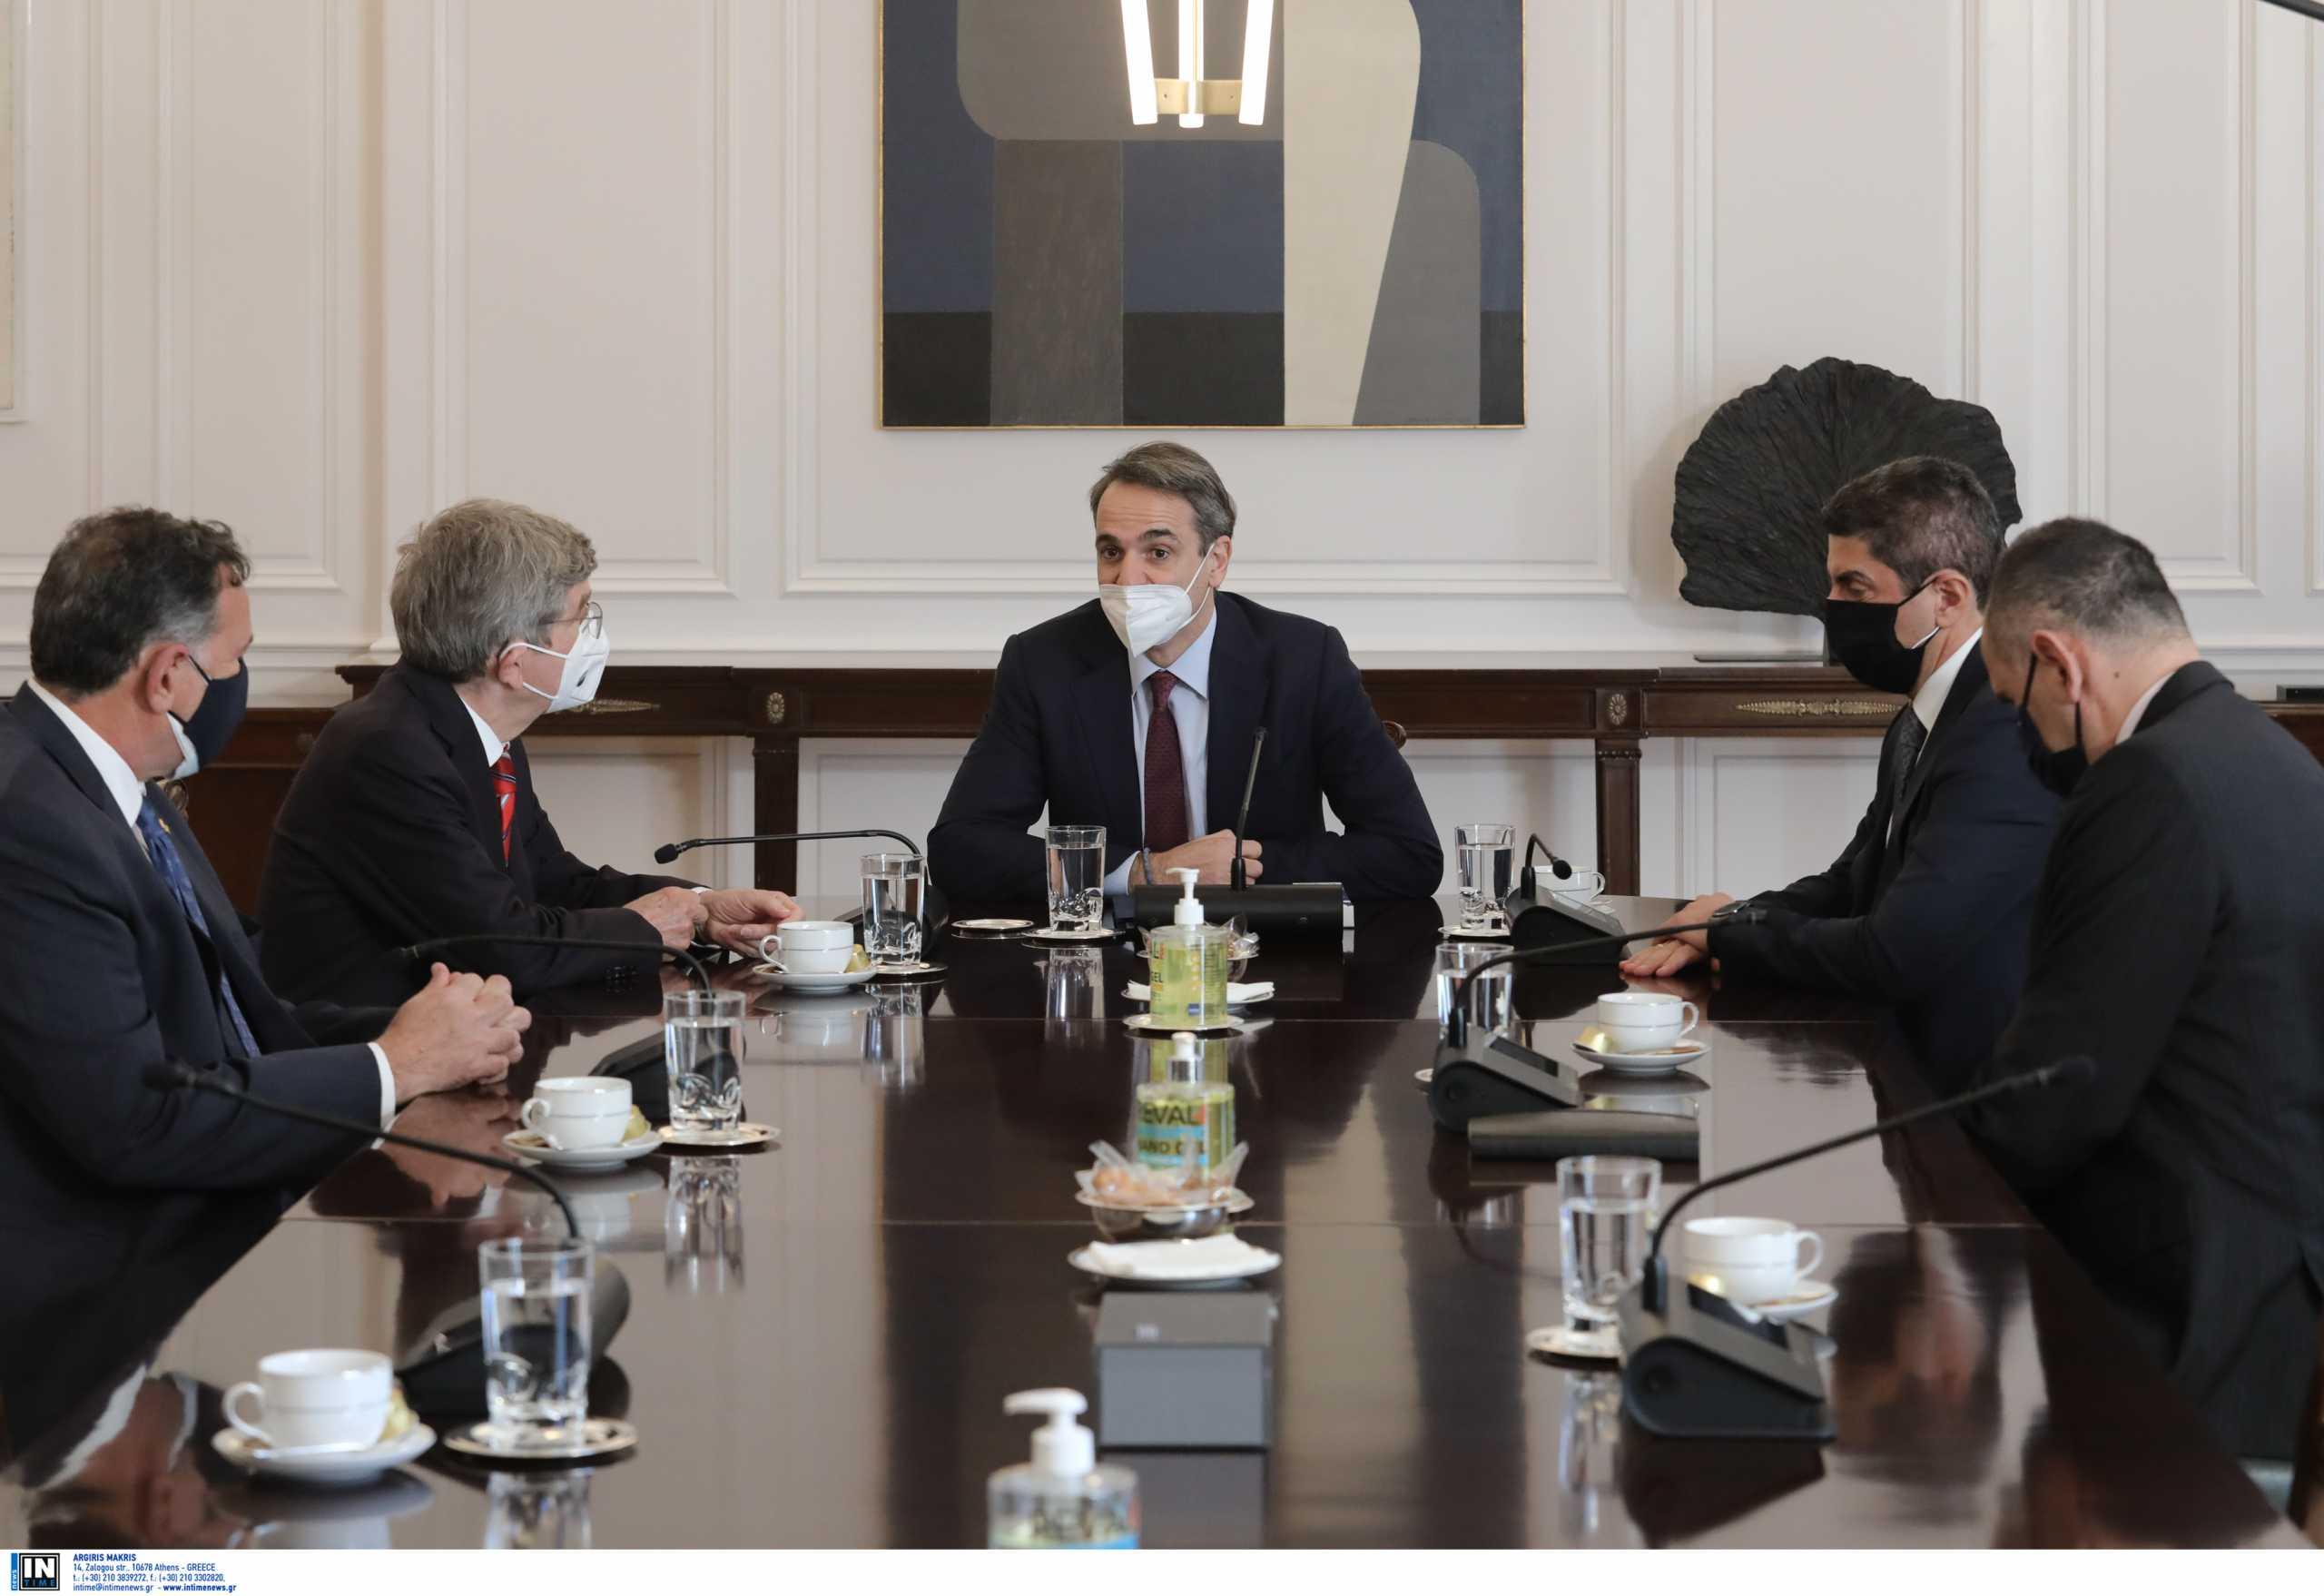 Η συνάντηση Μητσοτάκη με Μπαχ και τα συγχαρητήρια στην Ελλάδα